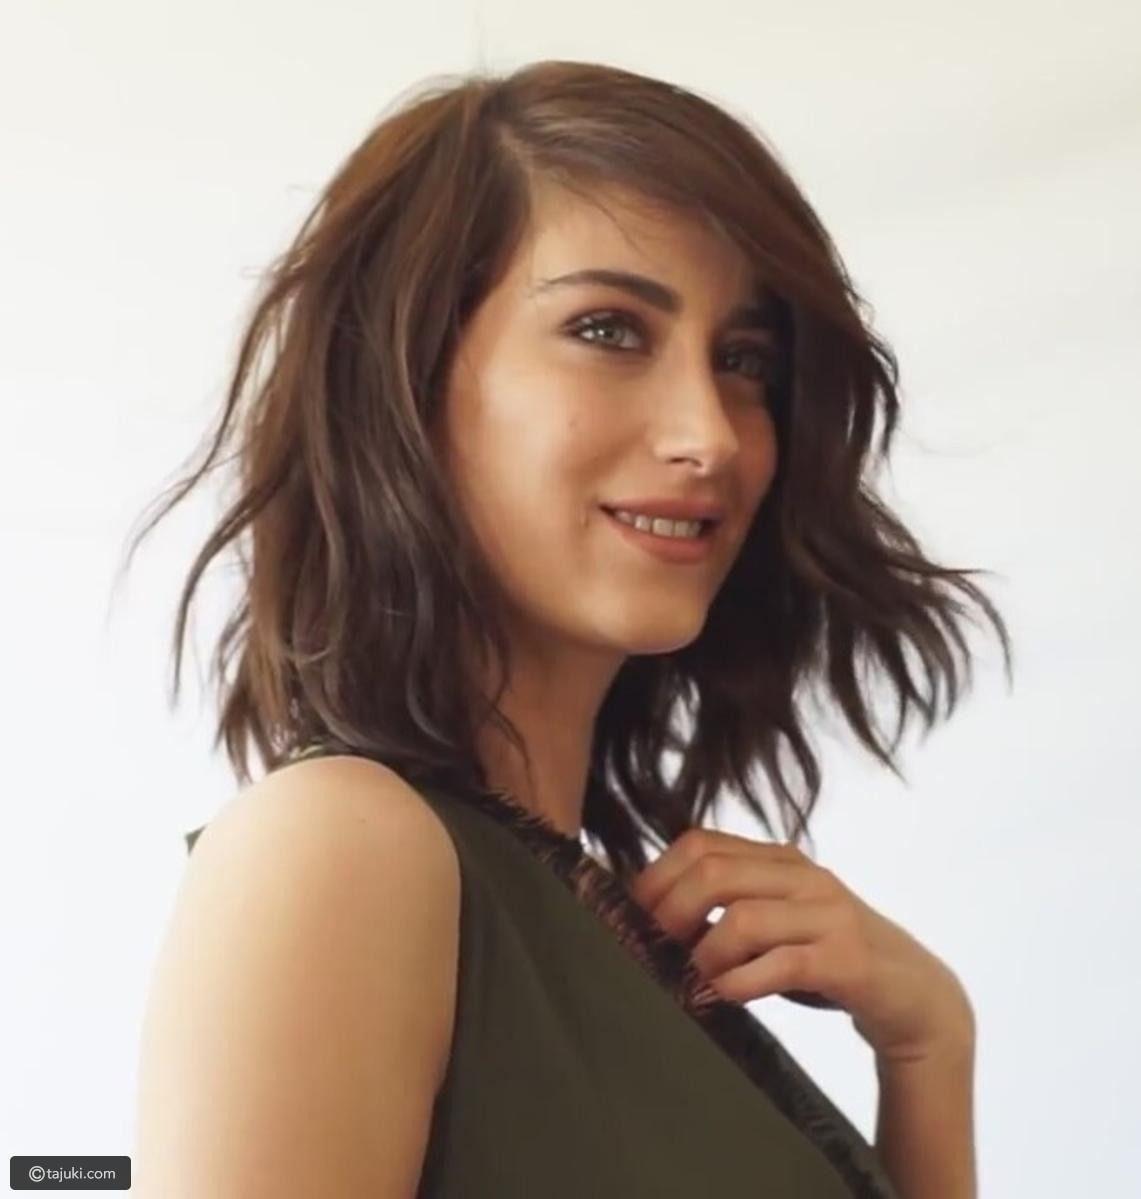 تسريحات الممثلة التركية هازال كايا المعروفة بنهال Hair Styles Long Hair Styles Beauty